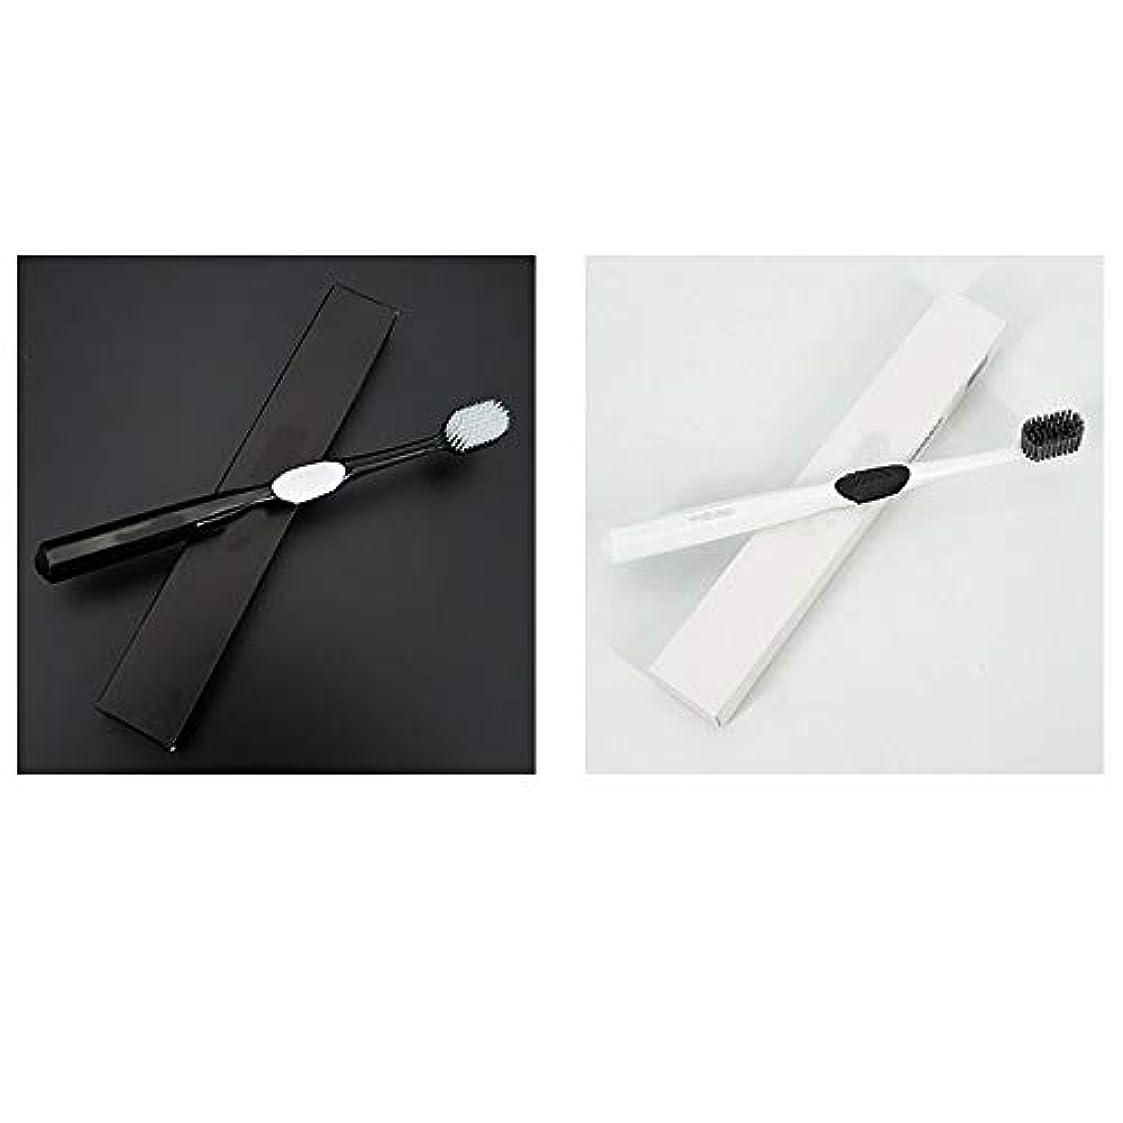 引っ張る氏変数歯ブラシ 4本の歯ブラシ、ナノ柔らかい歯ブラシ、大人バルク歯ブラシ、活性炭歯ホワイトニング HL (サイズ : 4 packs)